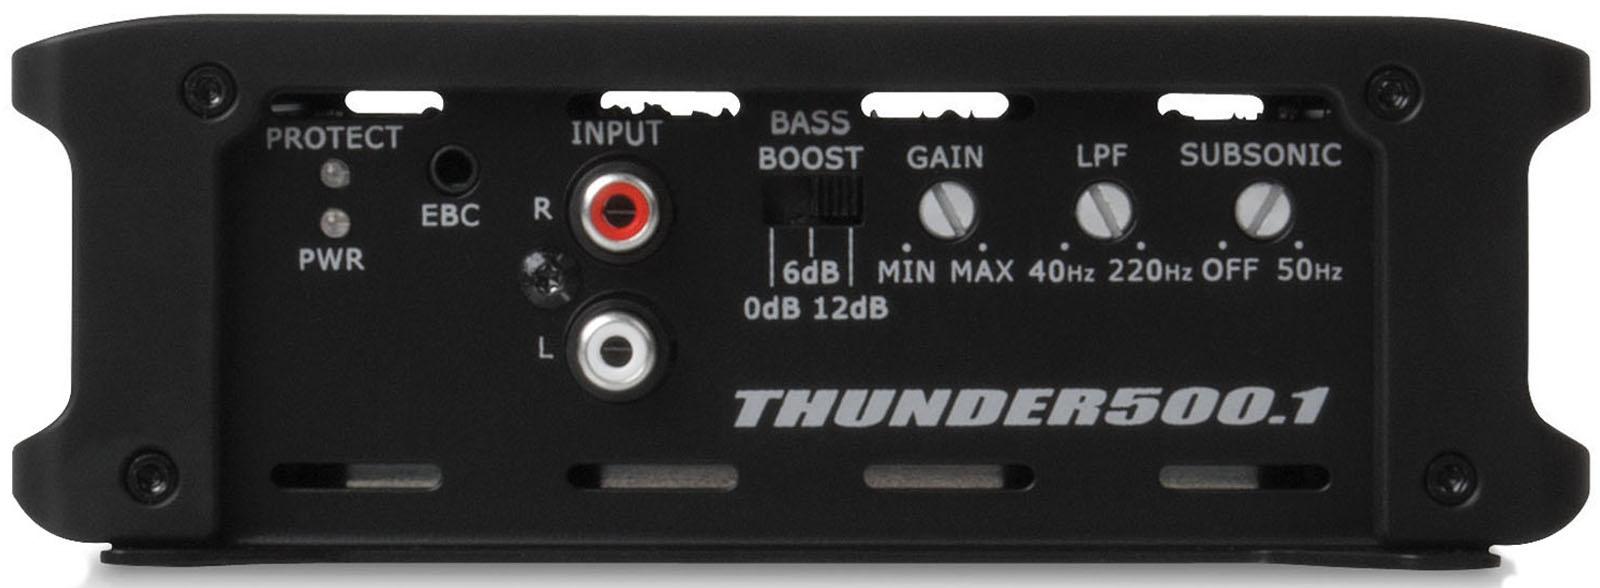 THUNDER Series 500-Watt RMS Class D Mono Block Amplifier | MTX Audio -  Serious About Sound®